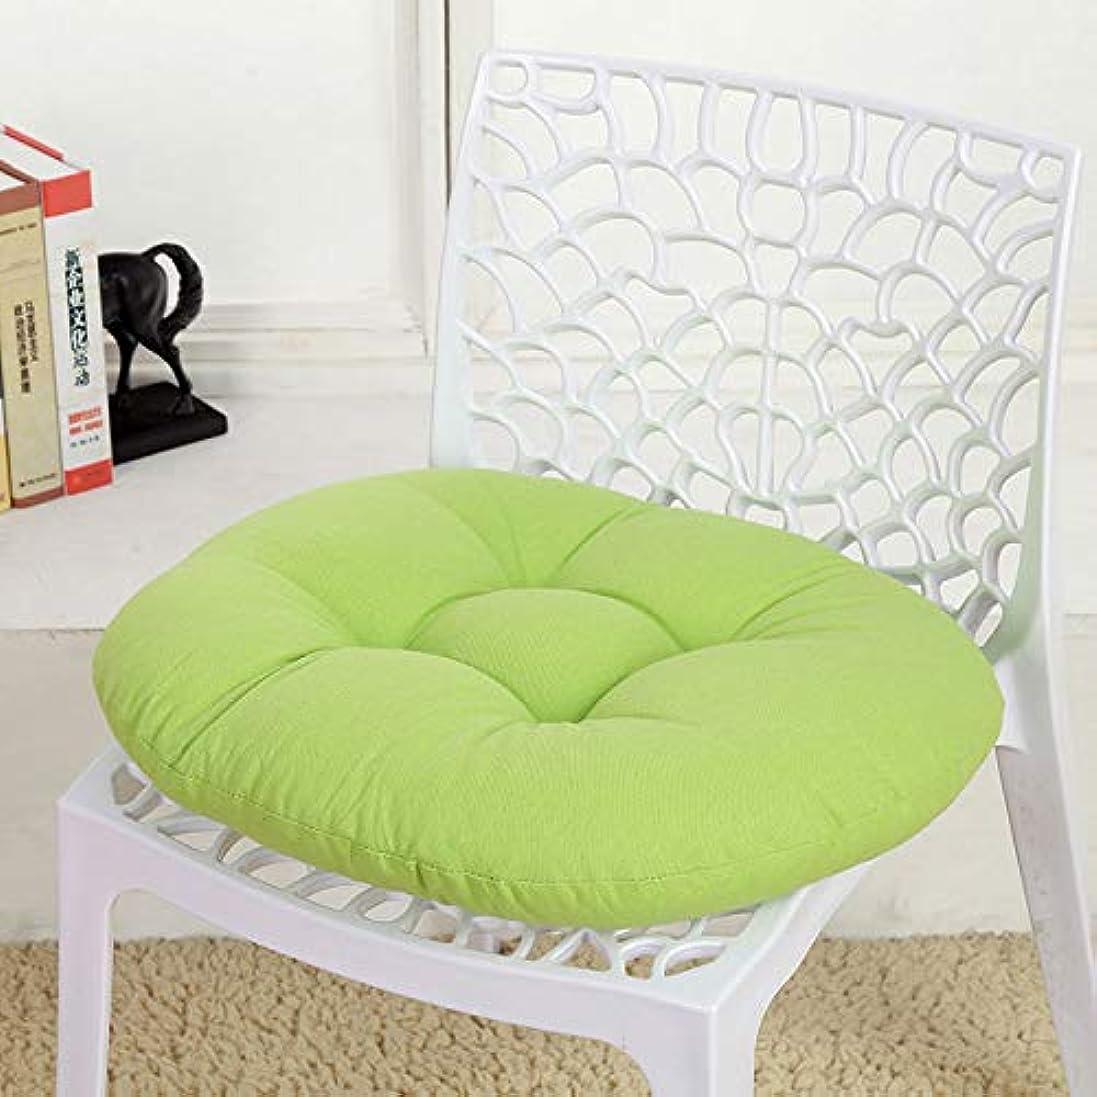 貫入テンション売上高LIFE キャンディカラーのクッションラウンドシートクッション波ウィンドウシートクッションクッション家の装飾パッドラウンド枕シート枕椅子座る枕 クッション 椅子